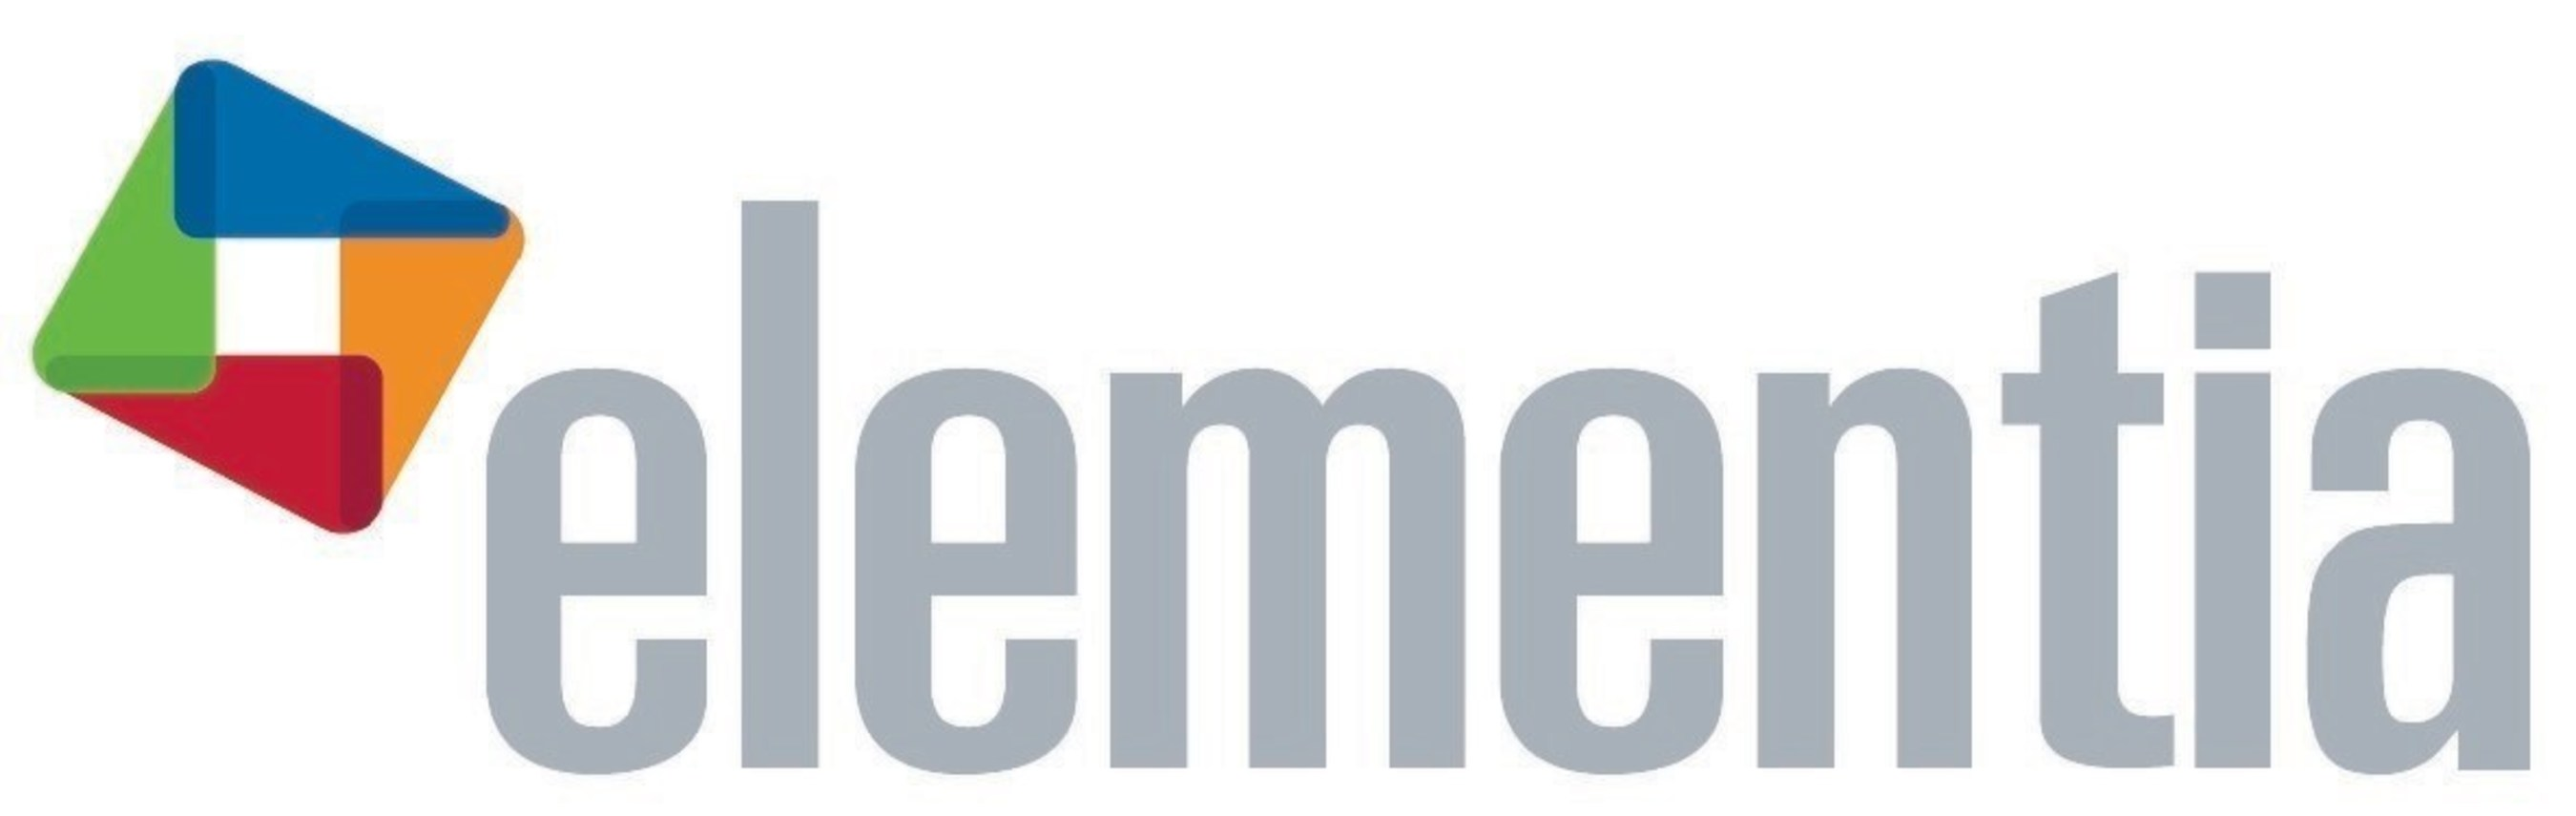 Elementia logo